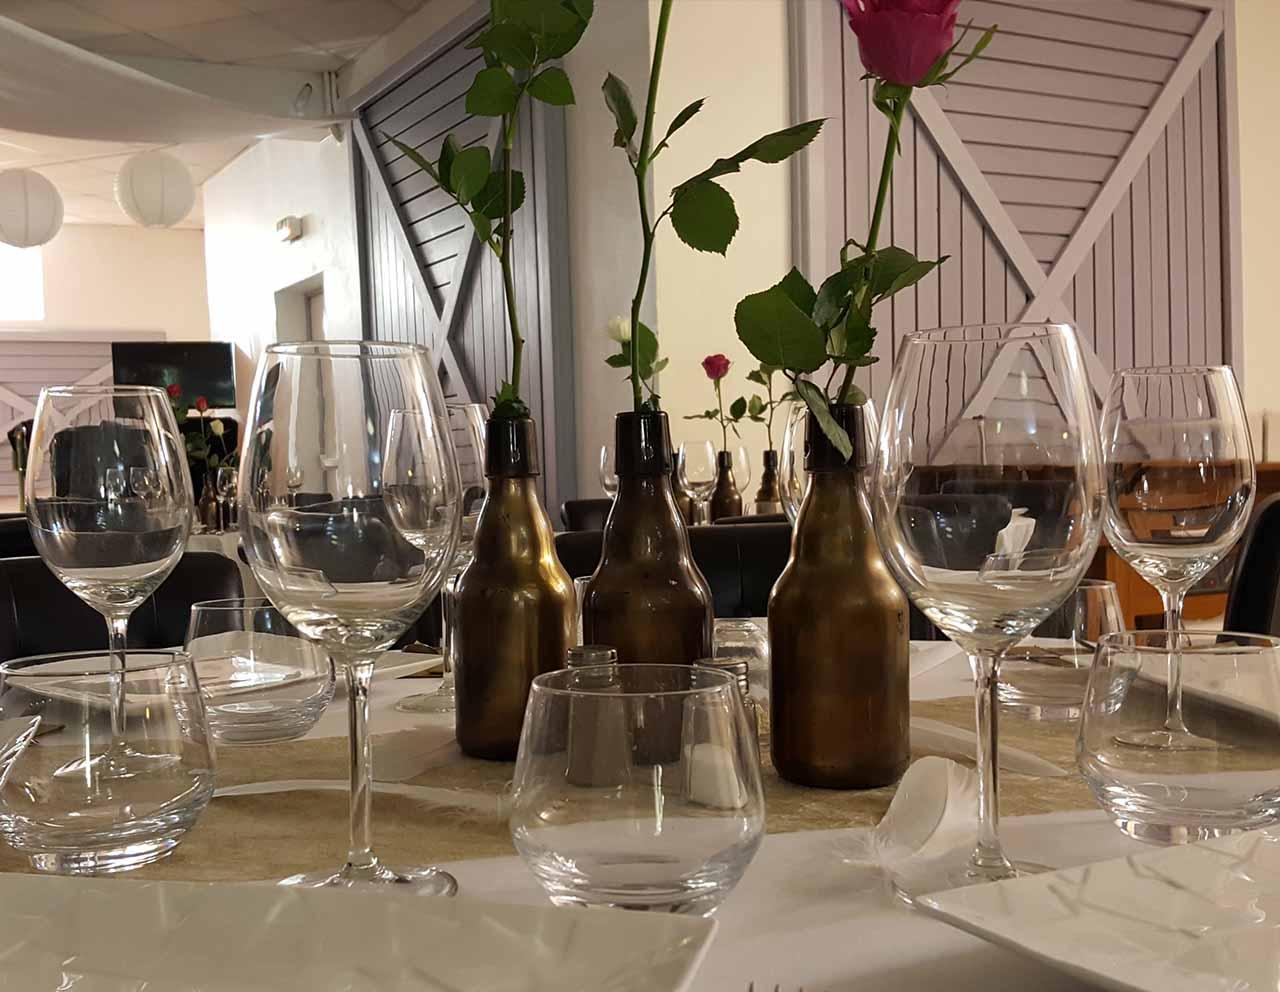 Décoration de table - Décoration Ballons et diverses pour vos festivités en Hautes Pyrénées (65),Gers (32), Landes (40) et Pyrénées-Atlantiques (64)